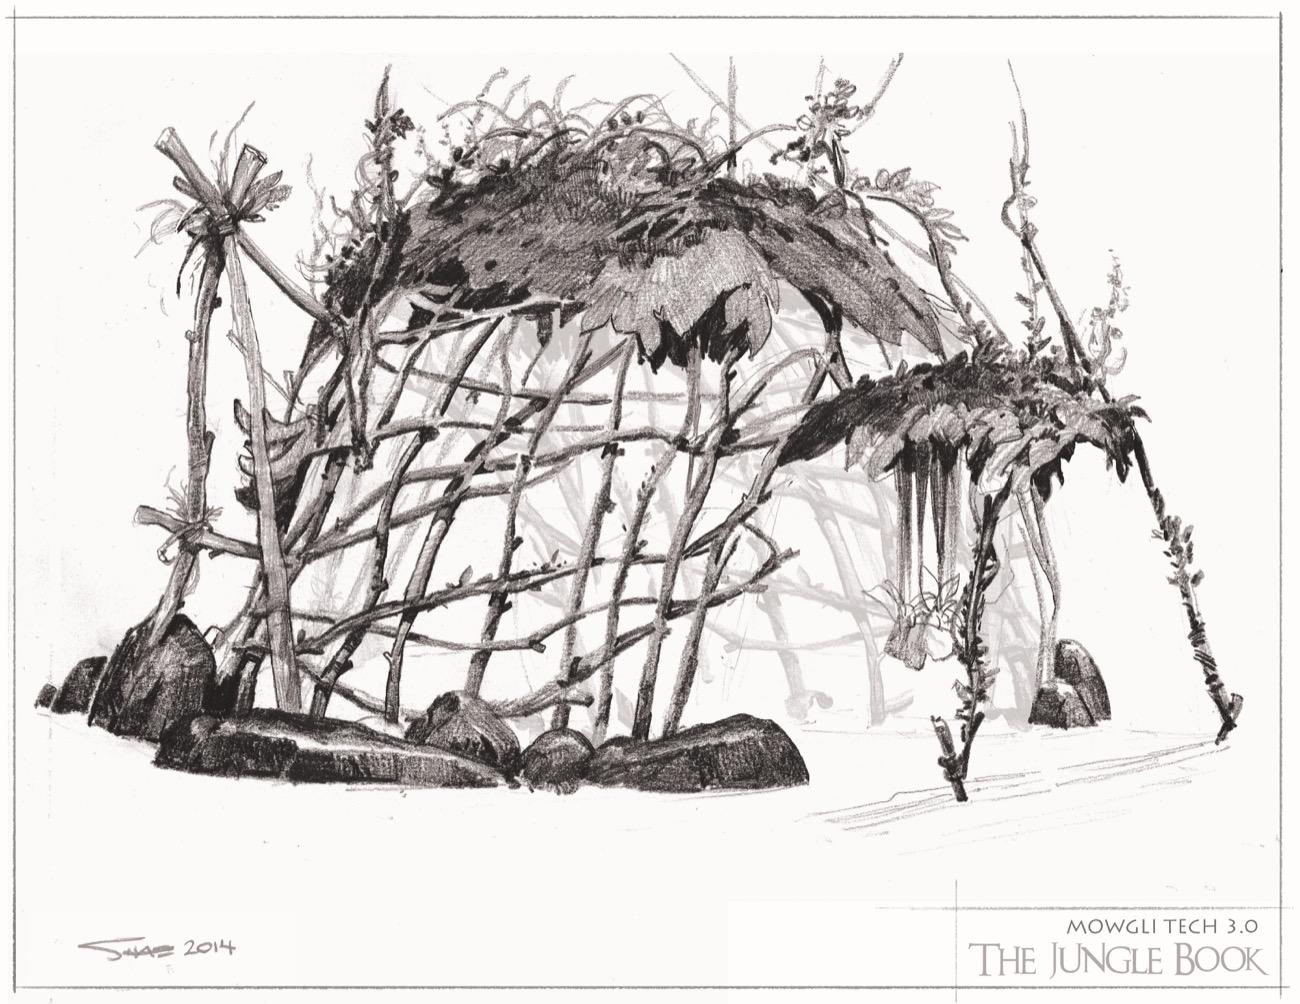 junglebook_mowglitech_10.jpg